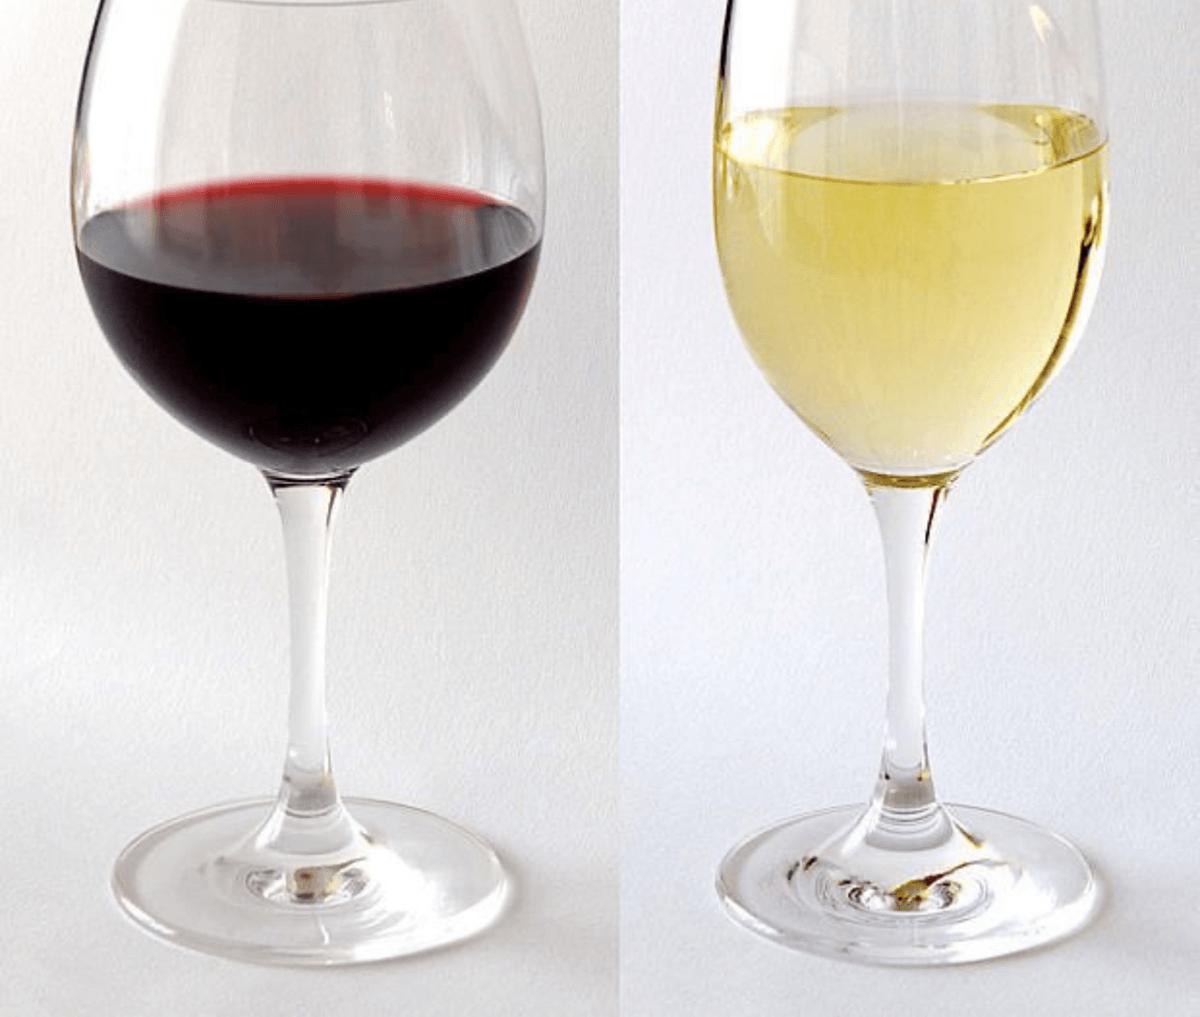 Copa de Vino blanco, tinto o rose_1